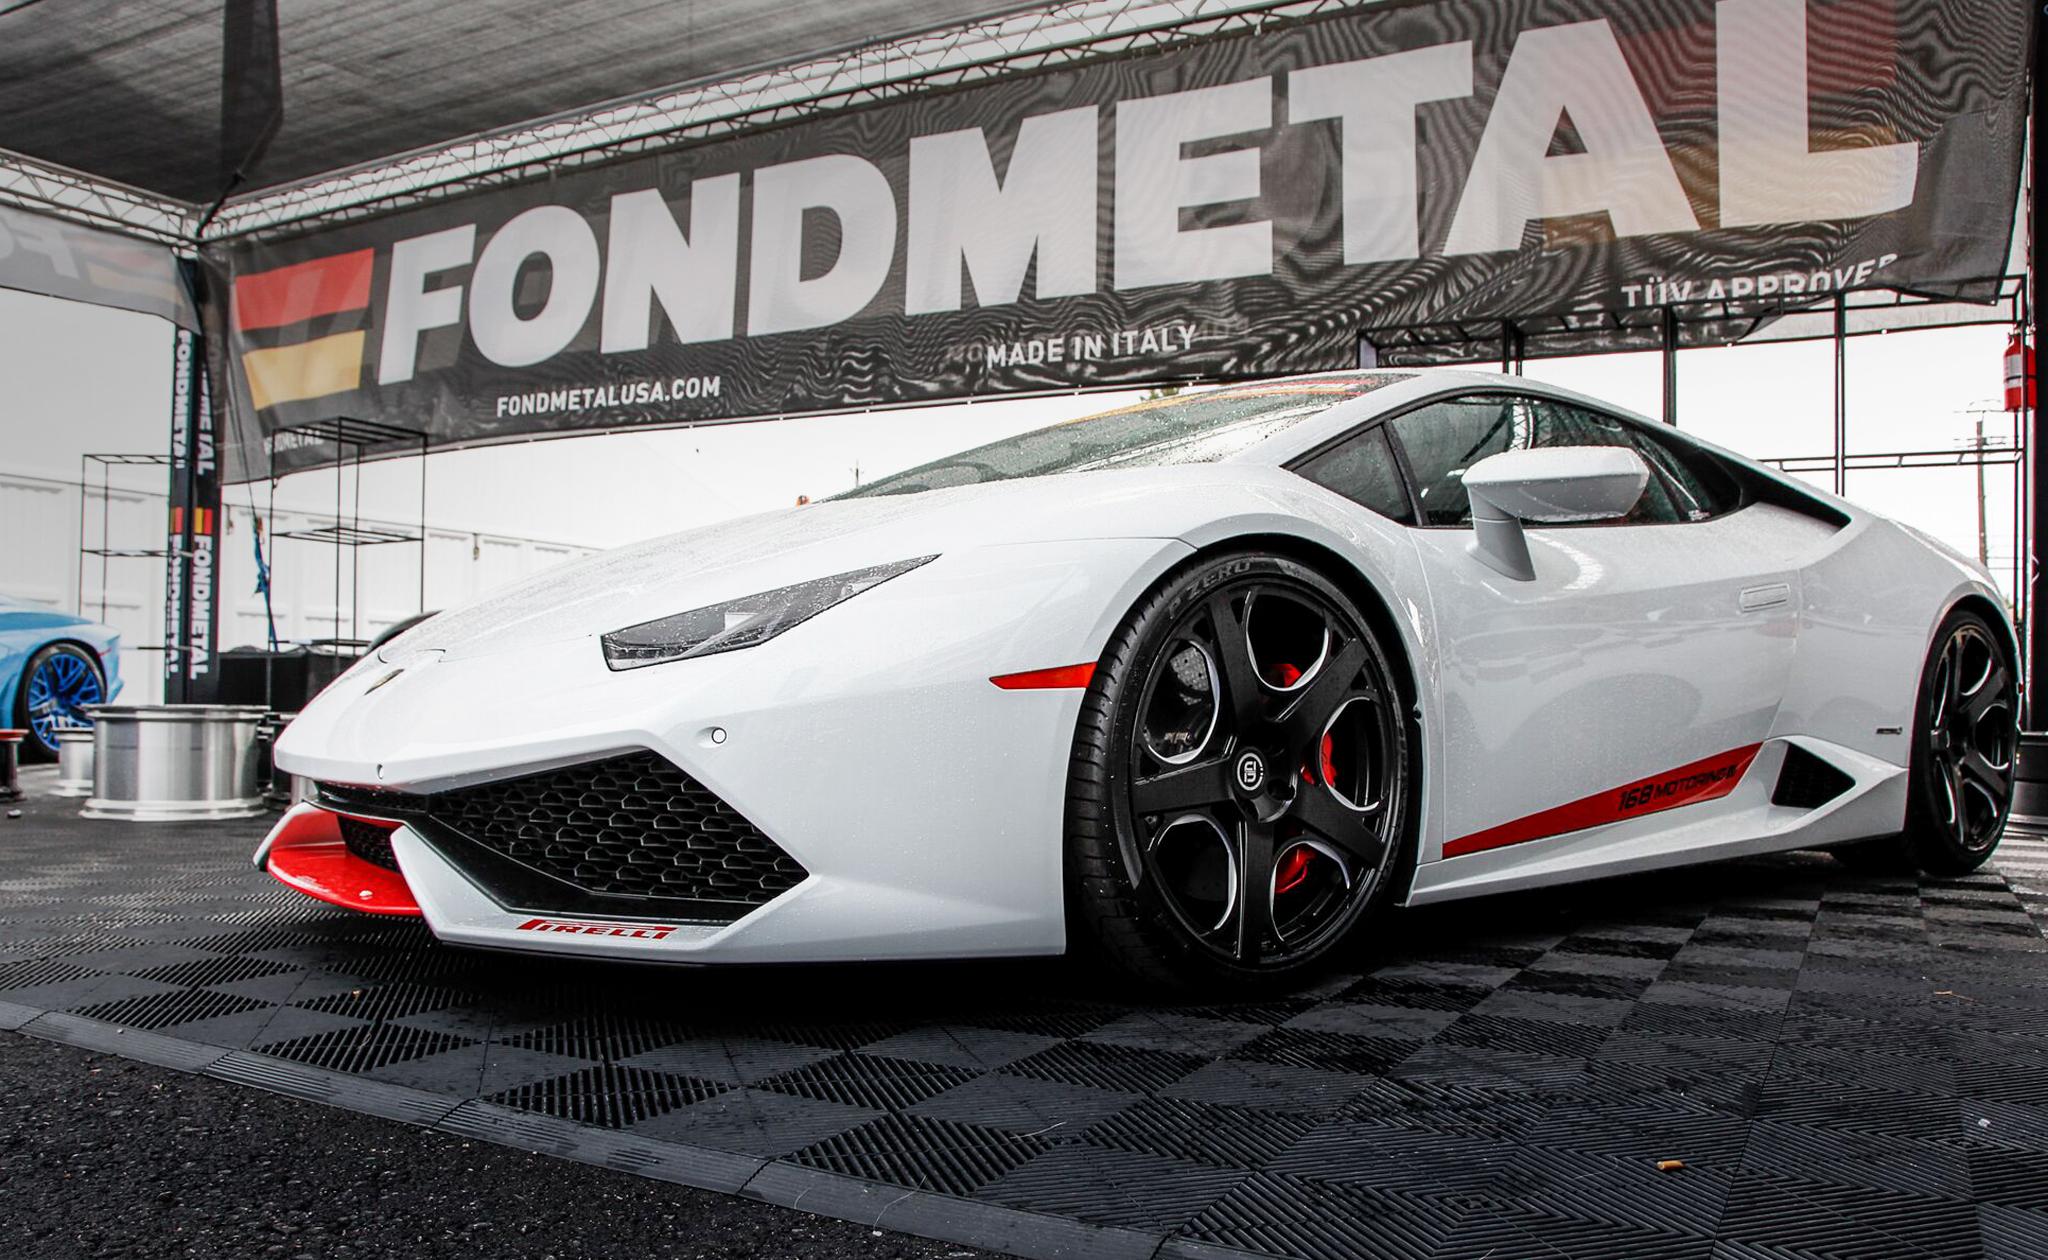 Lamborghini-Huracan-SEMA-2015-Fondmetal-Booth